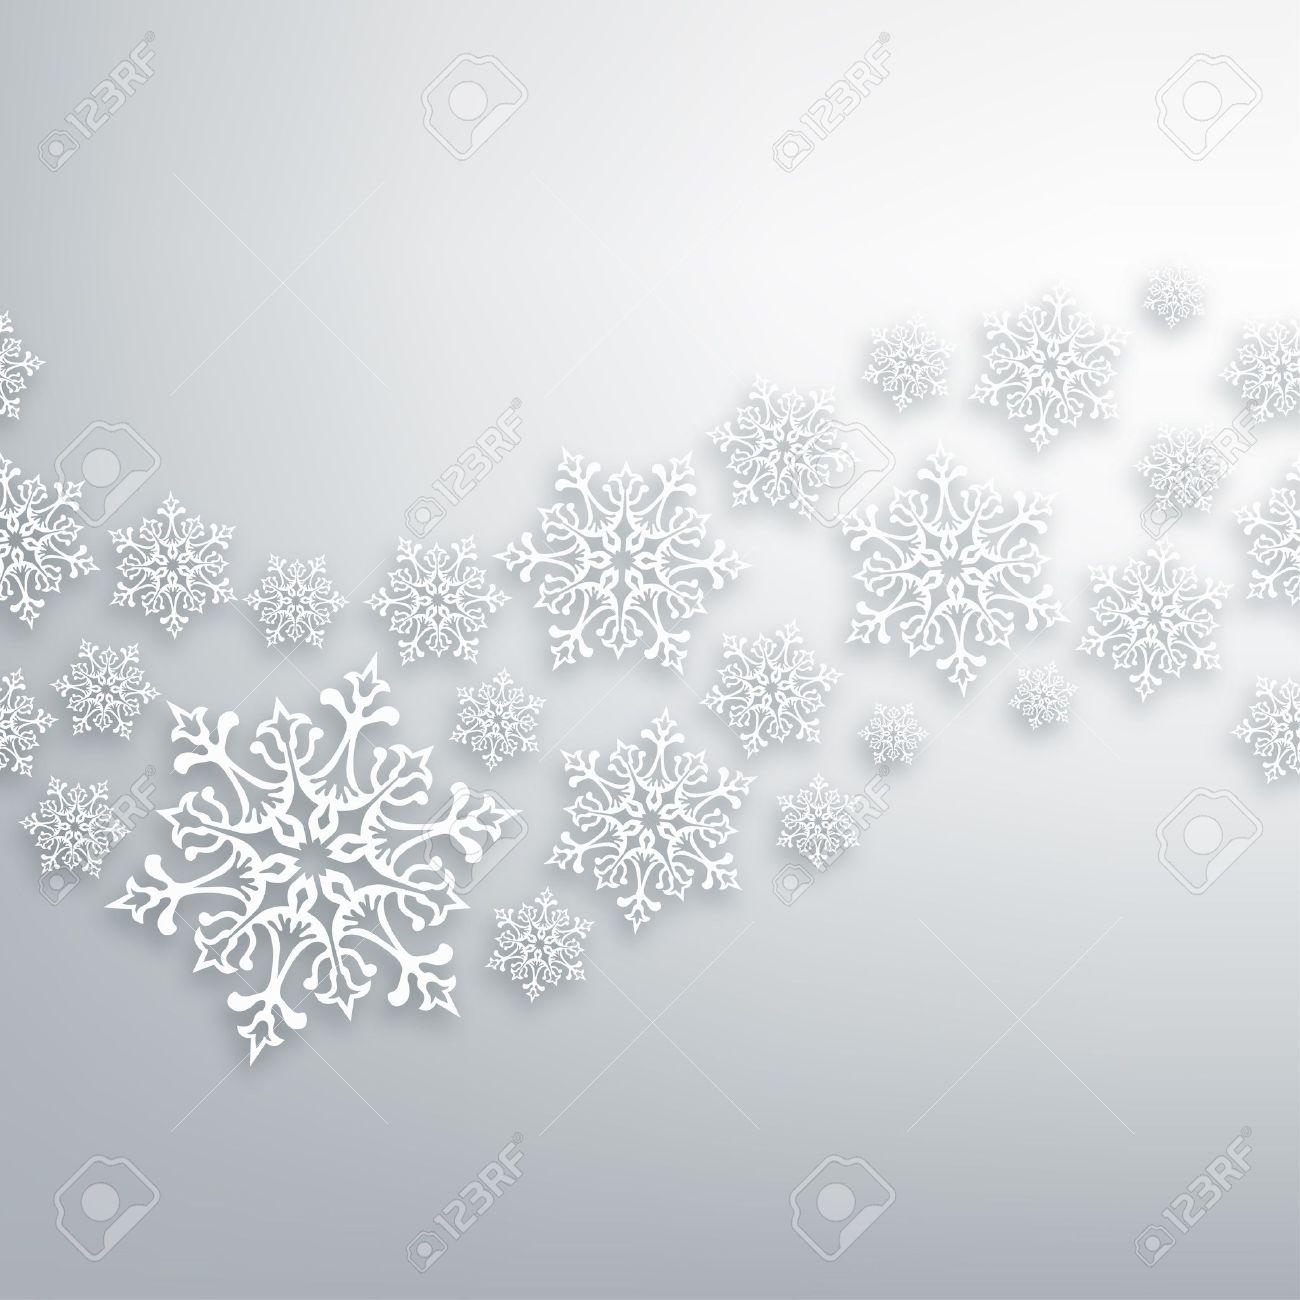 ホワイト クリスマス雪現代的なシームレスなパターン。のイラスト素材 ...